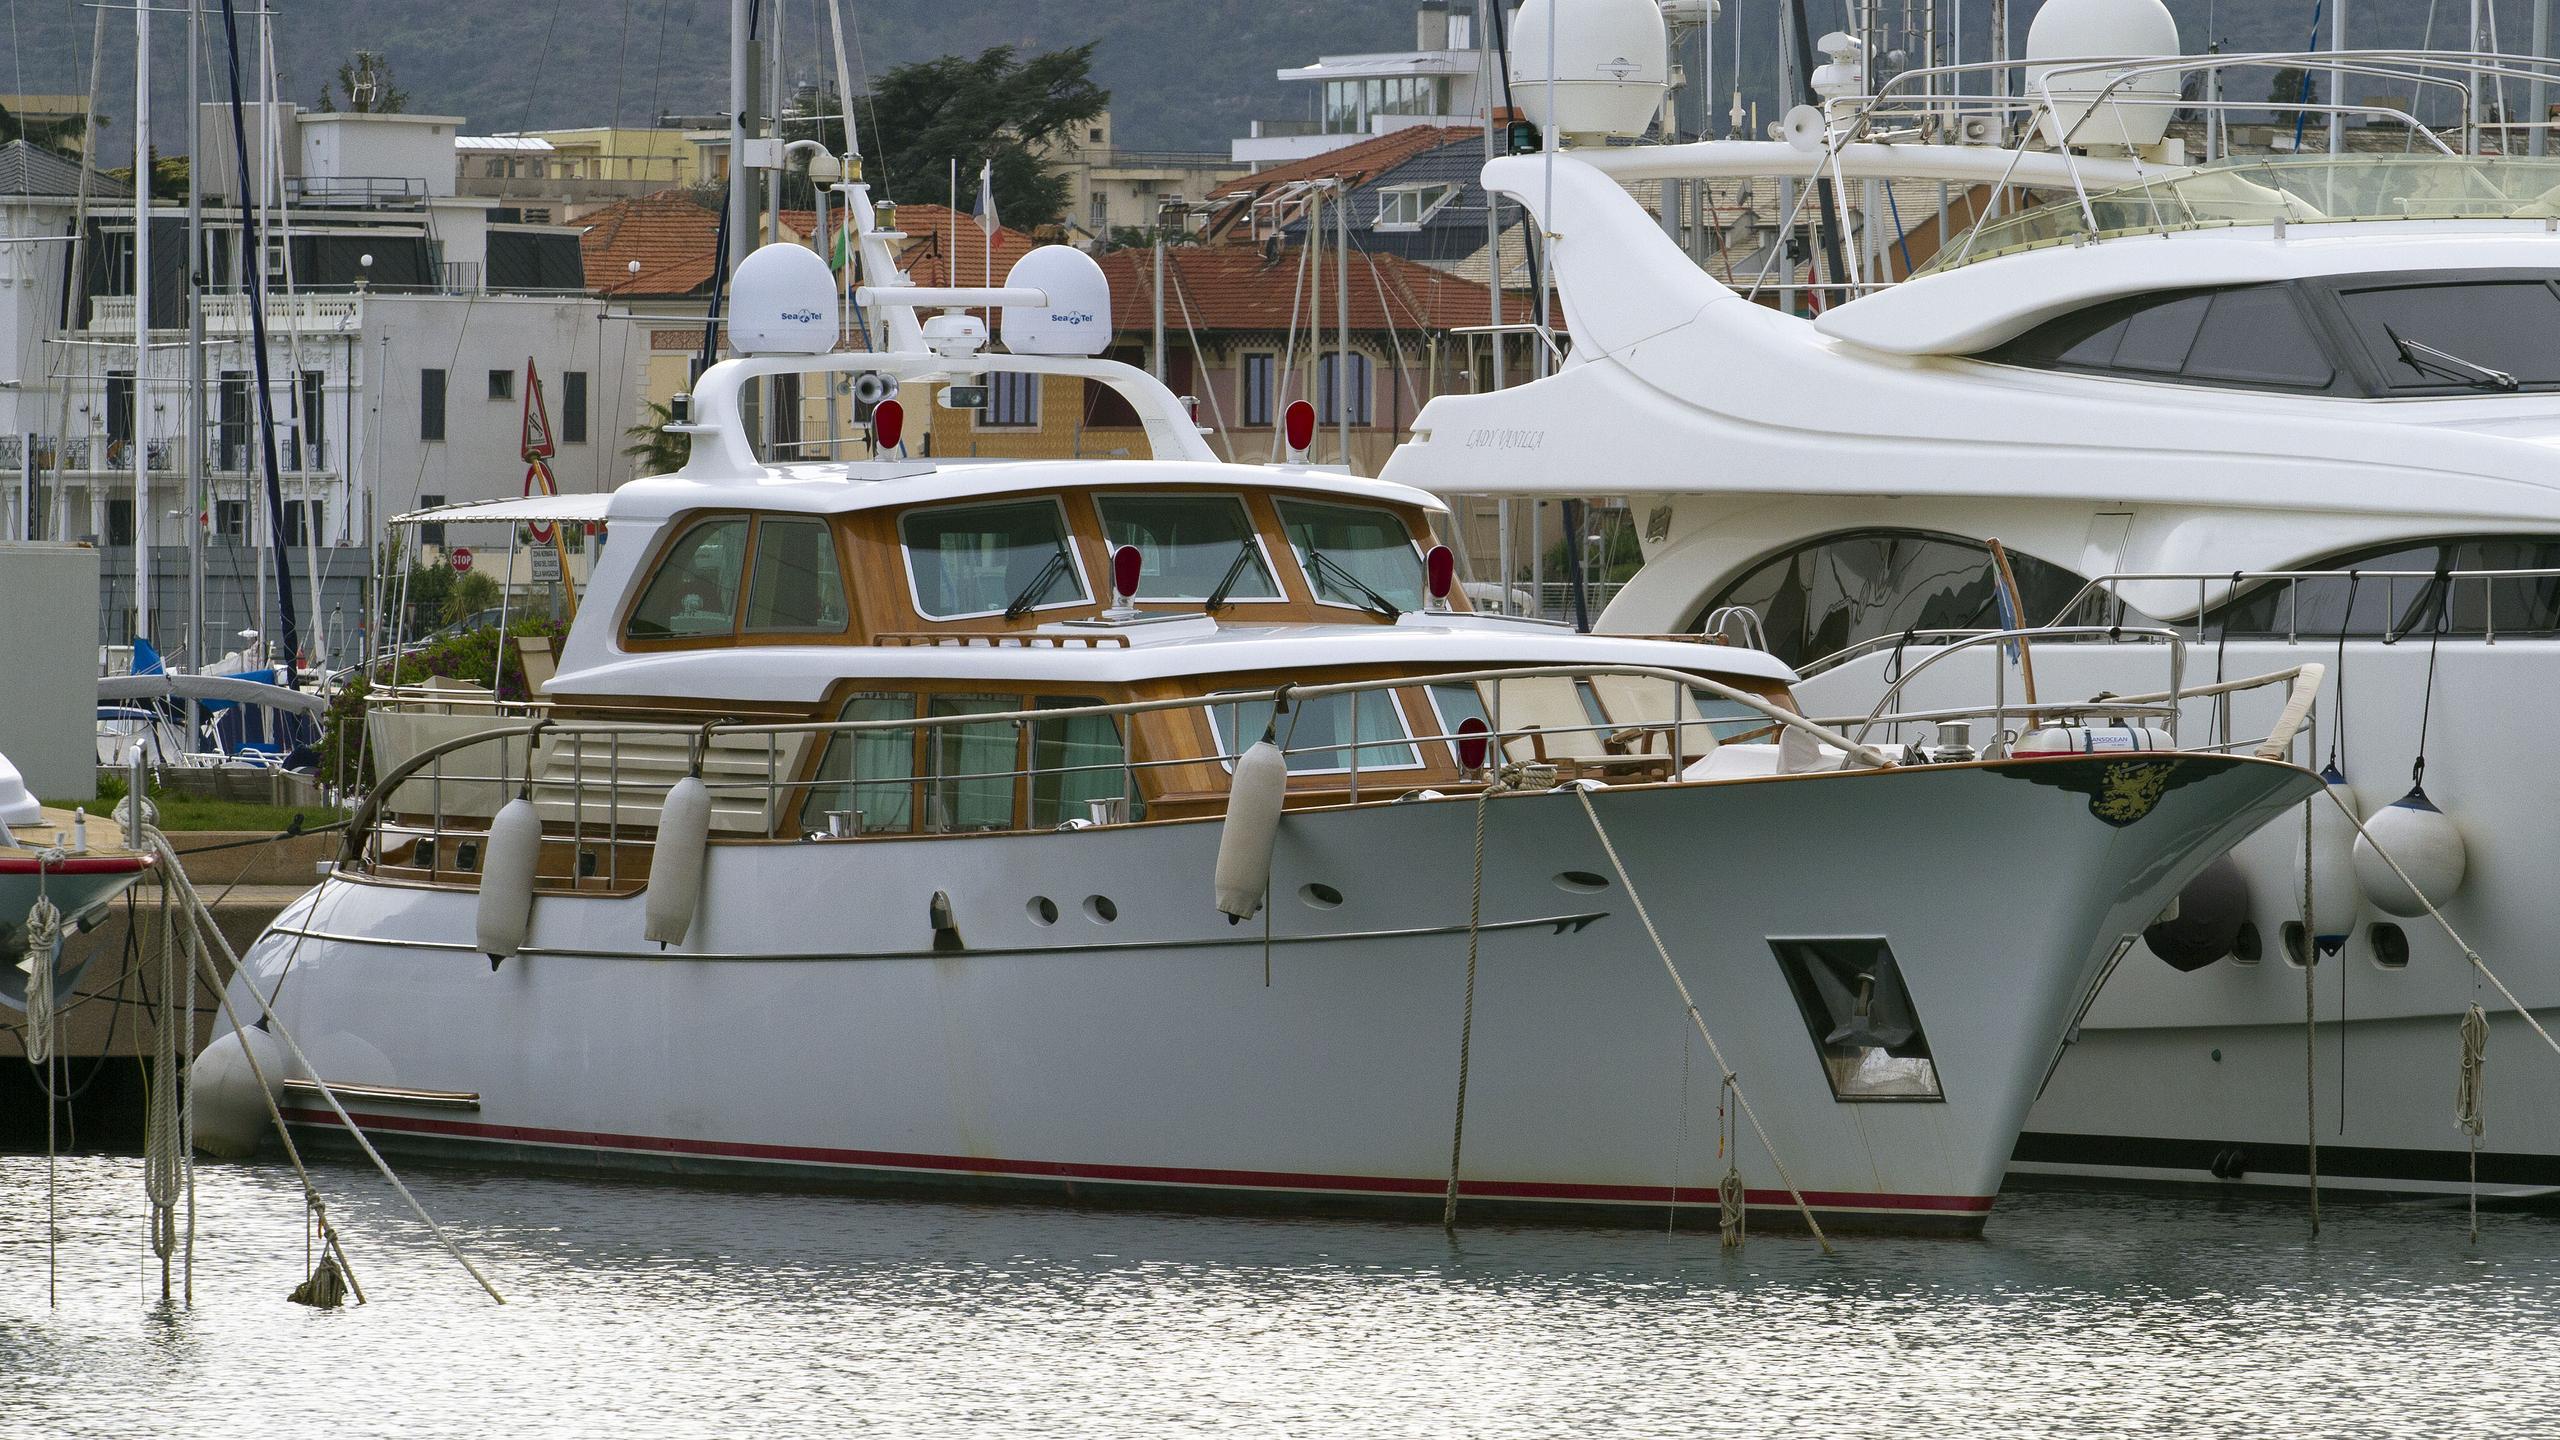 orrizonte-motoryacht-willemsen-2007-27m-half-profile